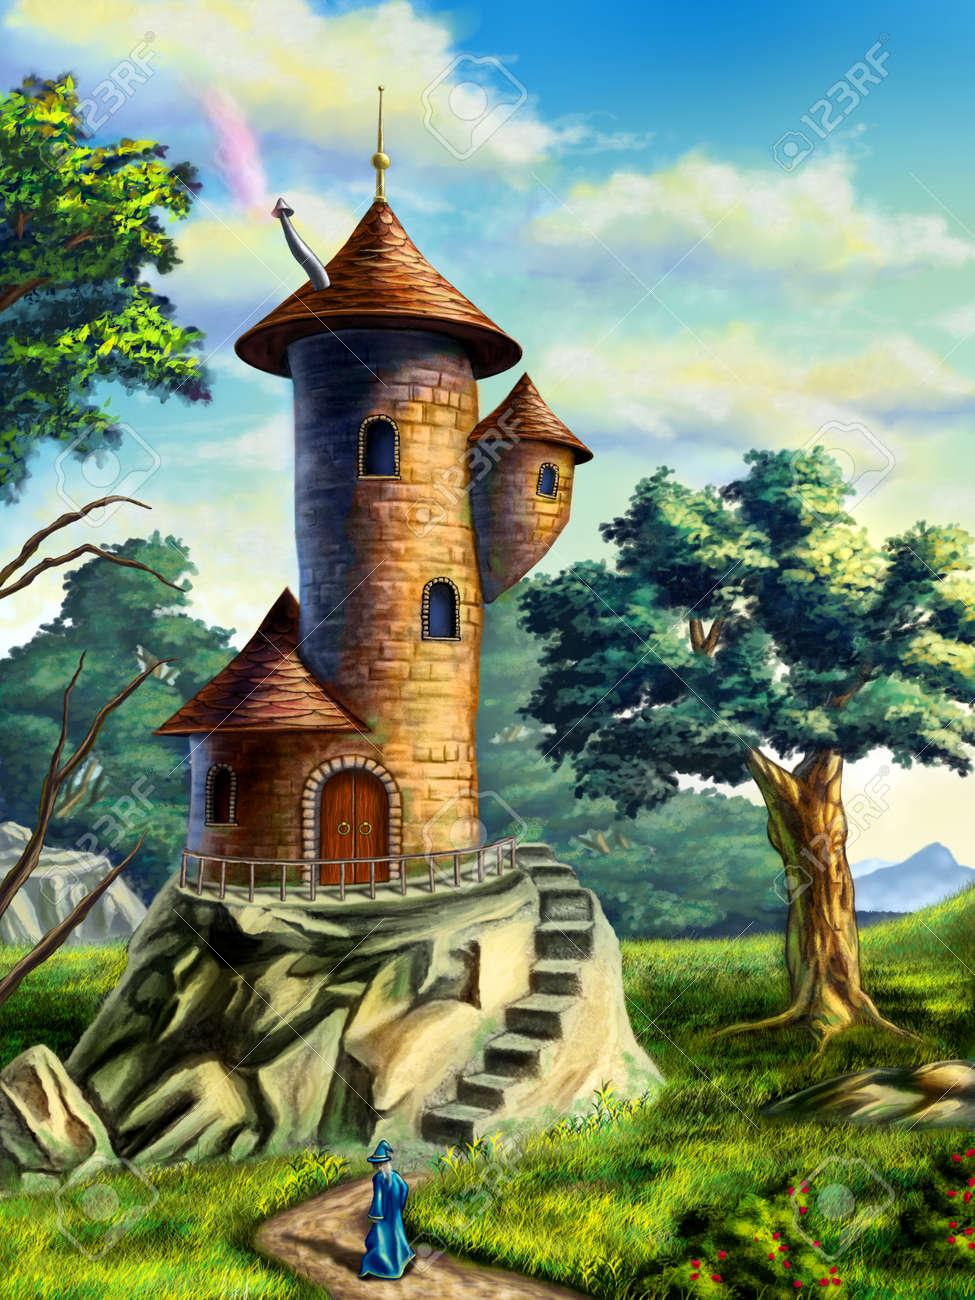 メイジ タワーのある風景をファンタジーします デジタル イラストです の写真素材 画像素材 Image